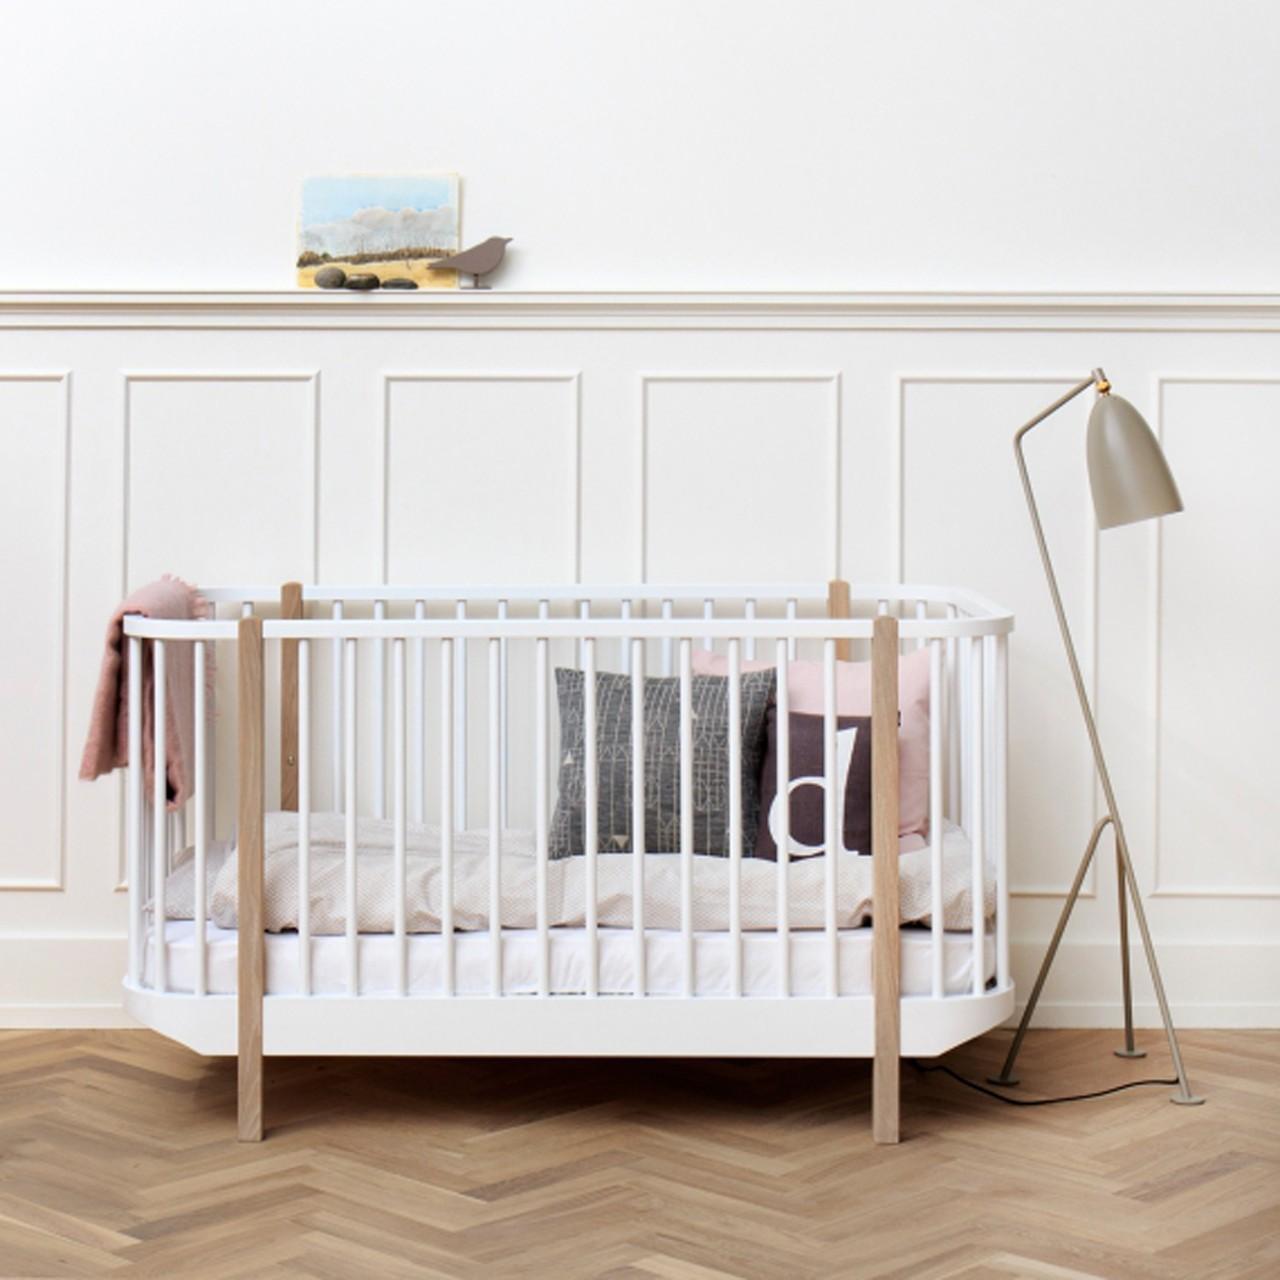 Oliver Furniture Wood Babybett kaufen - Kleine Fabriek